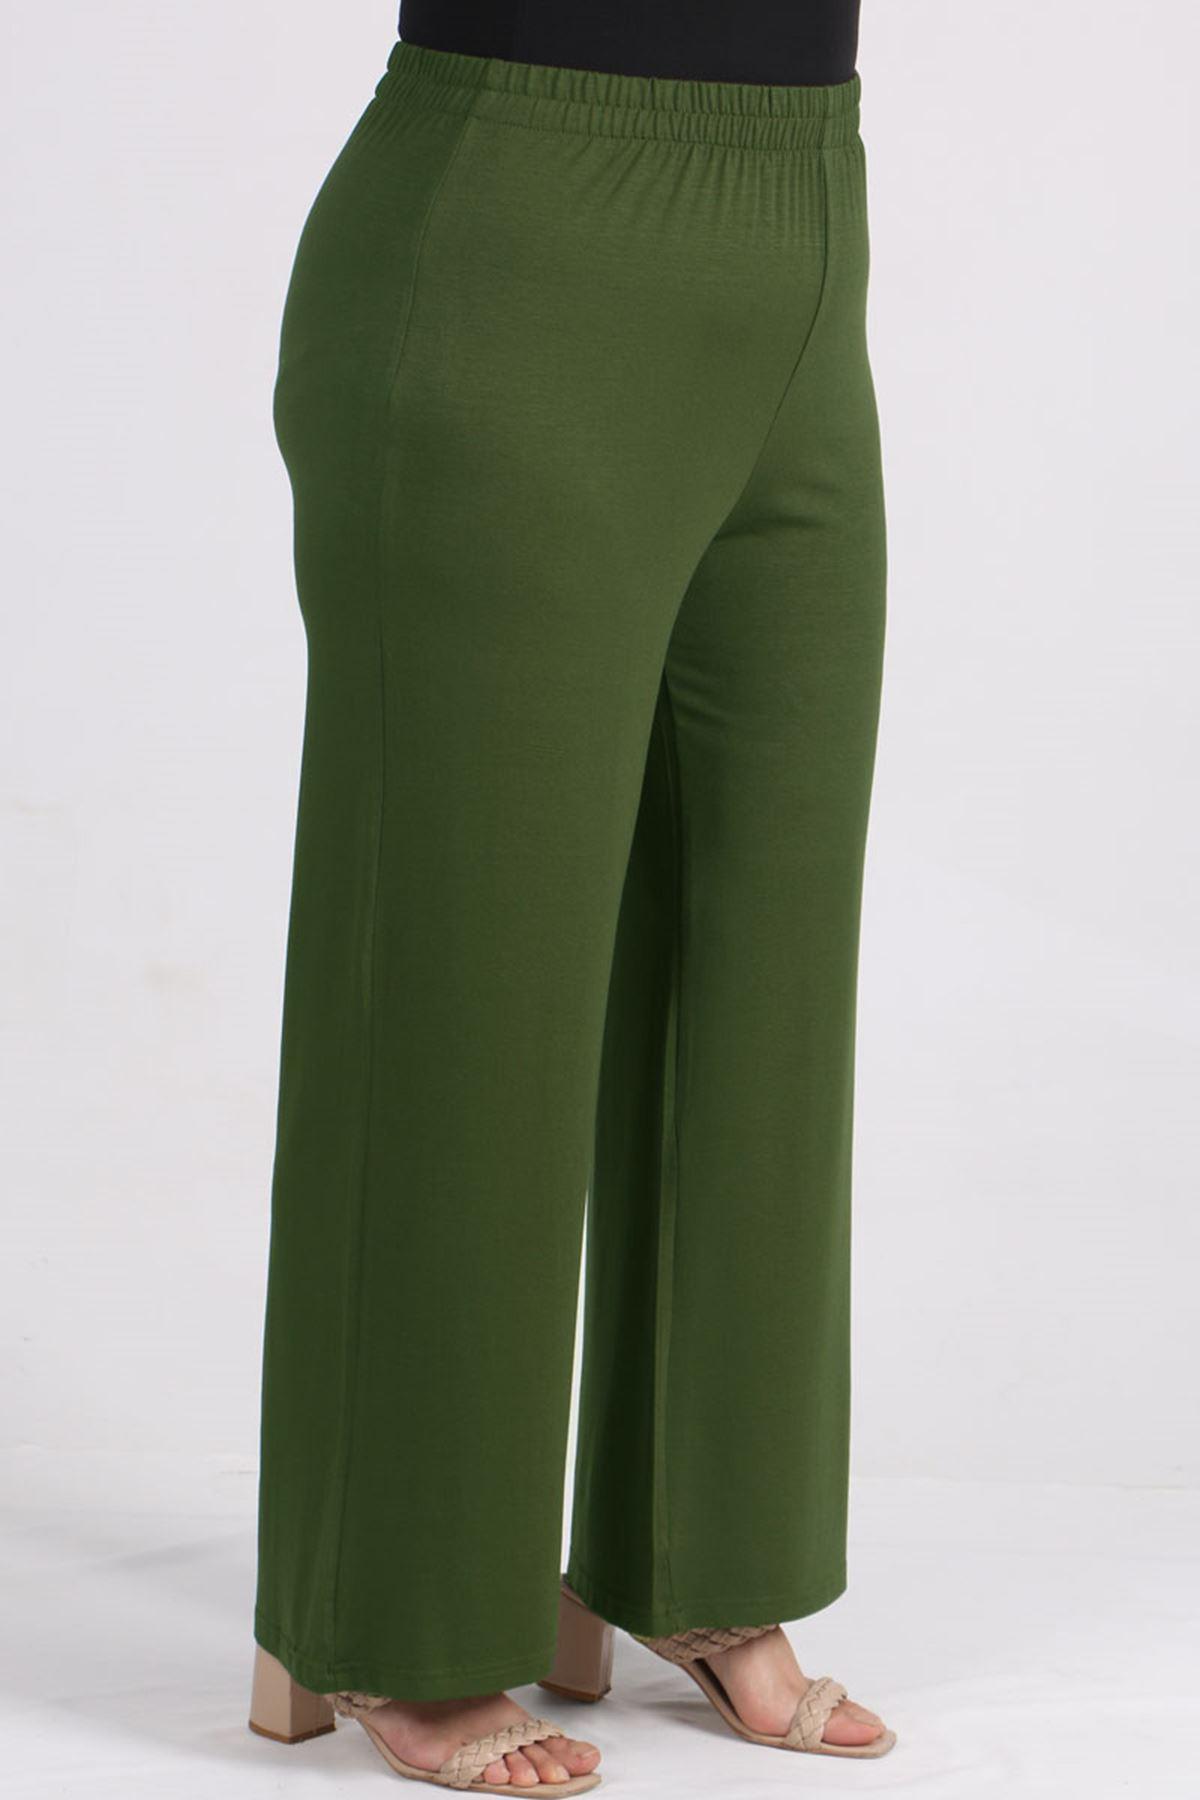 7526 Büyük Beden Penye Pantolonlu Takım-Haki